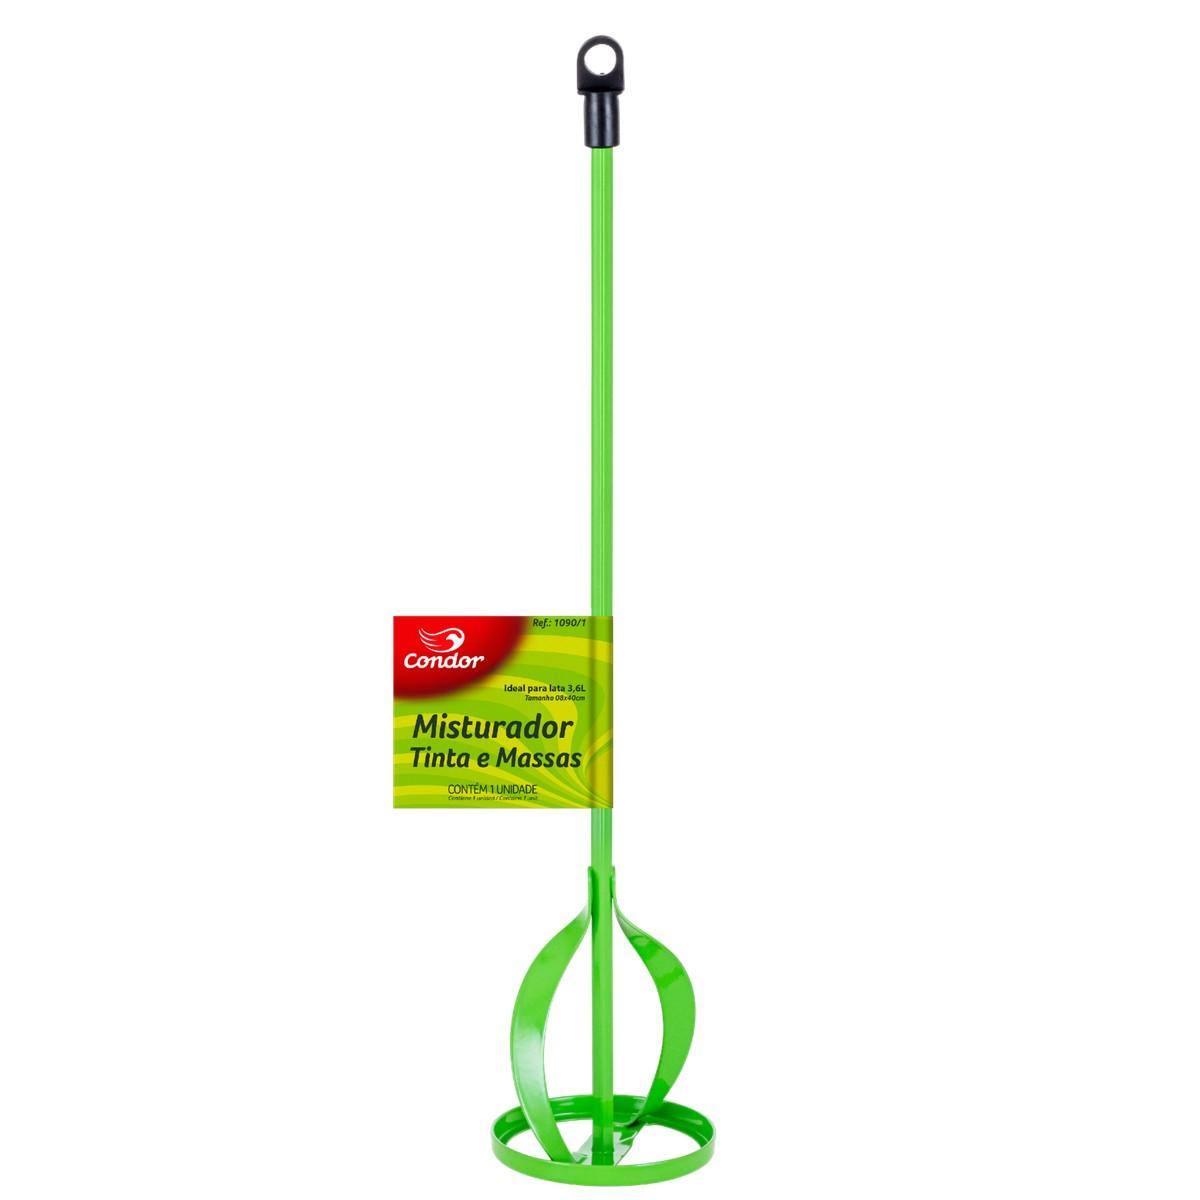 Batedor Misturador De Tinta Massa Argamassa Para Furadeira Tamanho:40cm